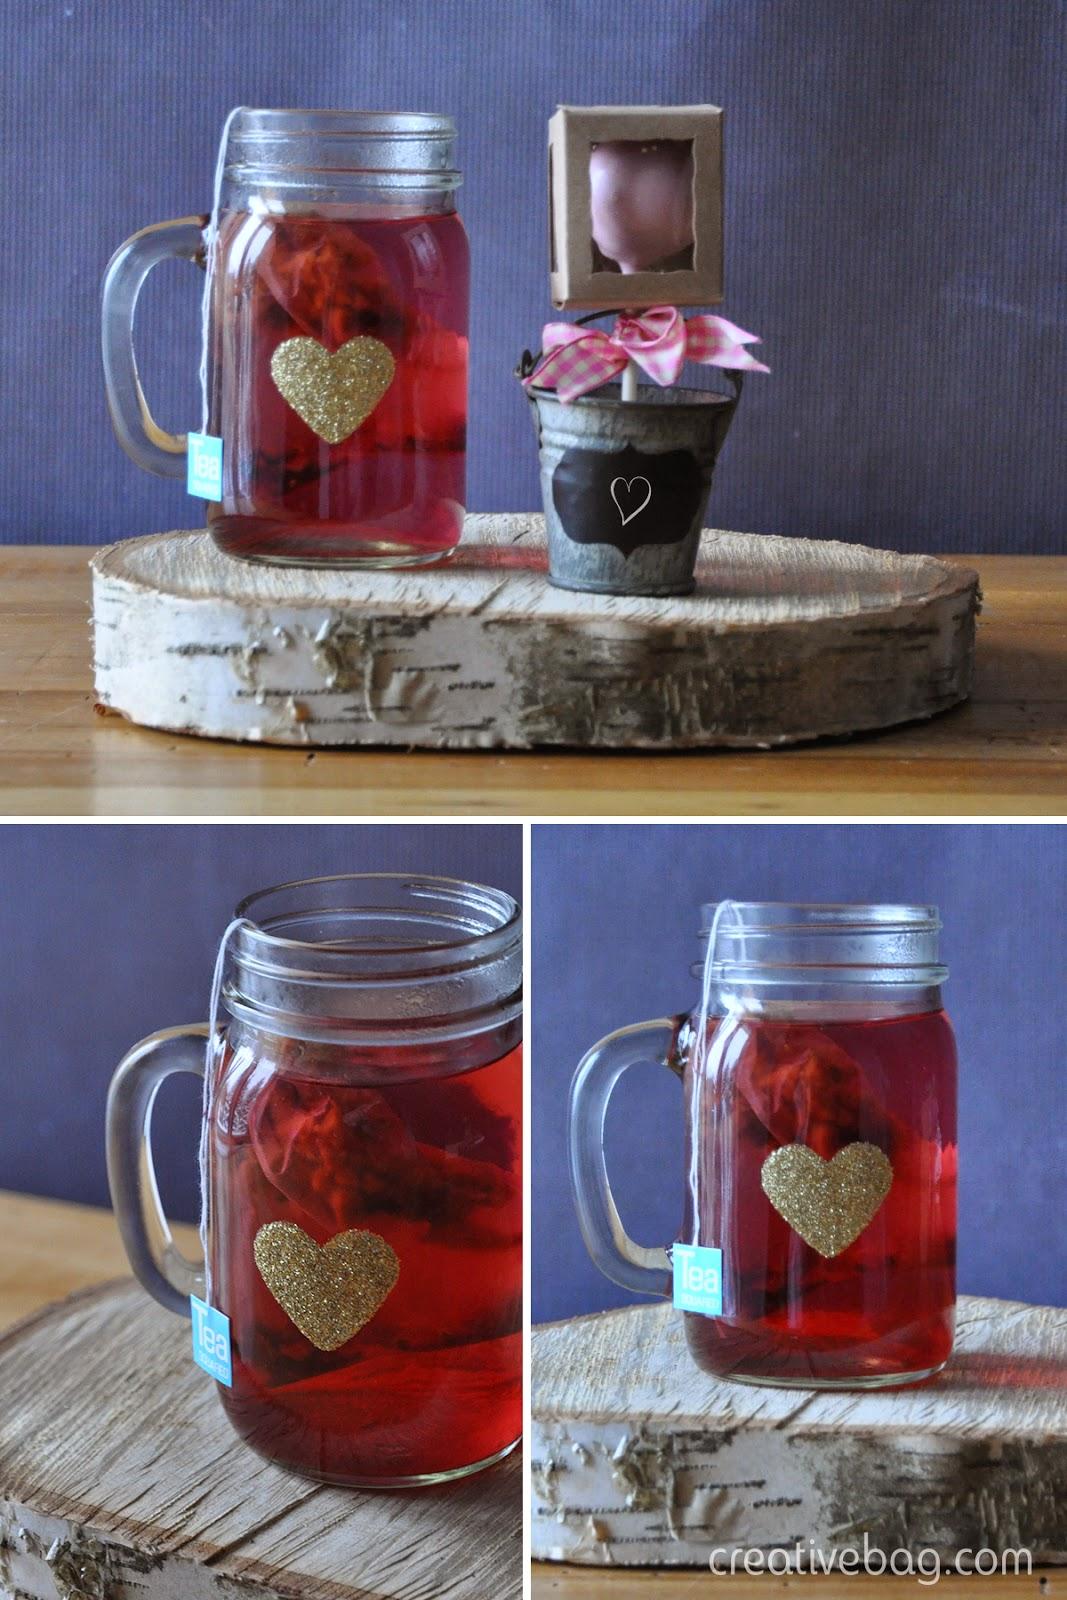 diy for valentine's day - add glitter hearts to mason jar mugs ... dishwasher safe after 28 days | Creative Bag